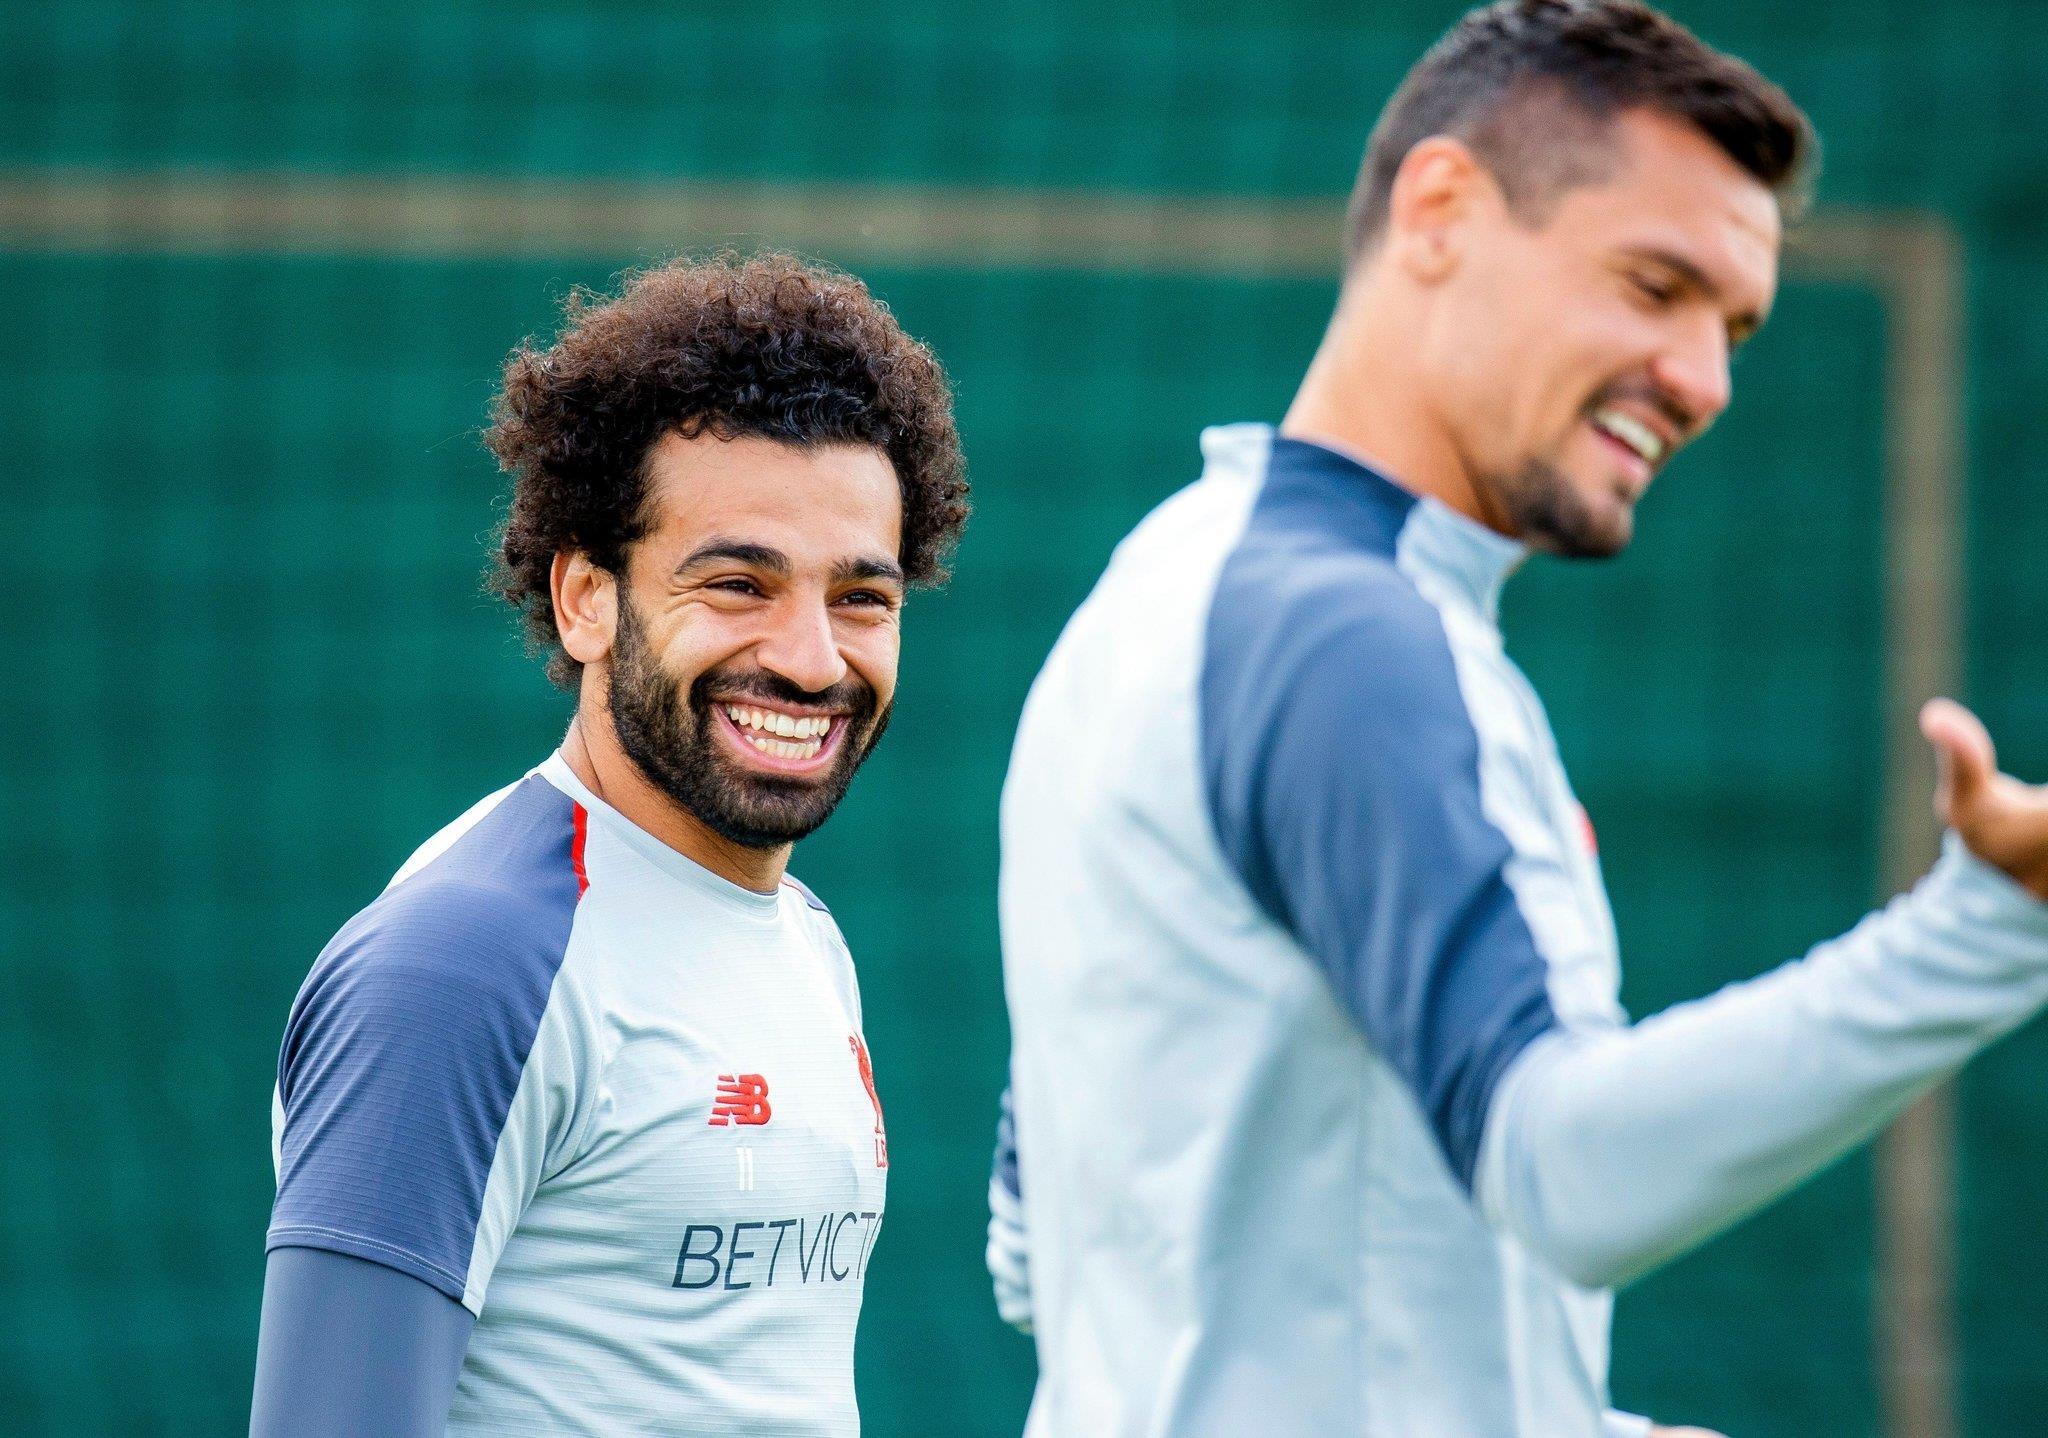 Ai dang phan tich buoc chay ma quai cua Messi, Salah, Griezmann? hinh anh 7